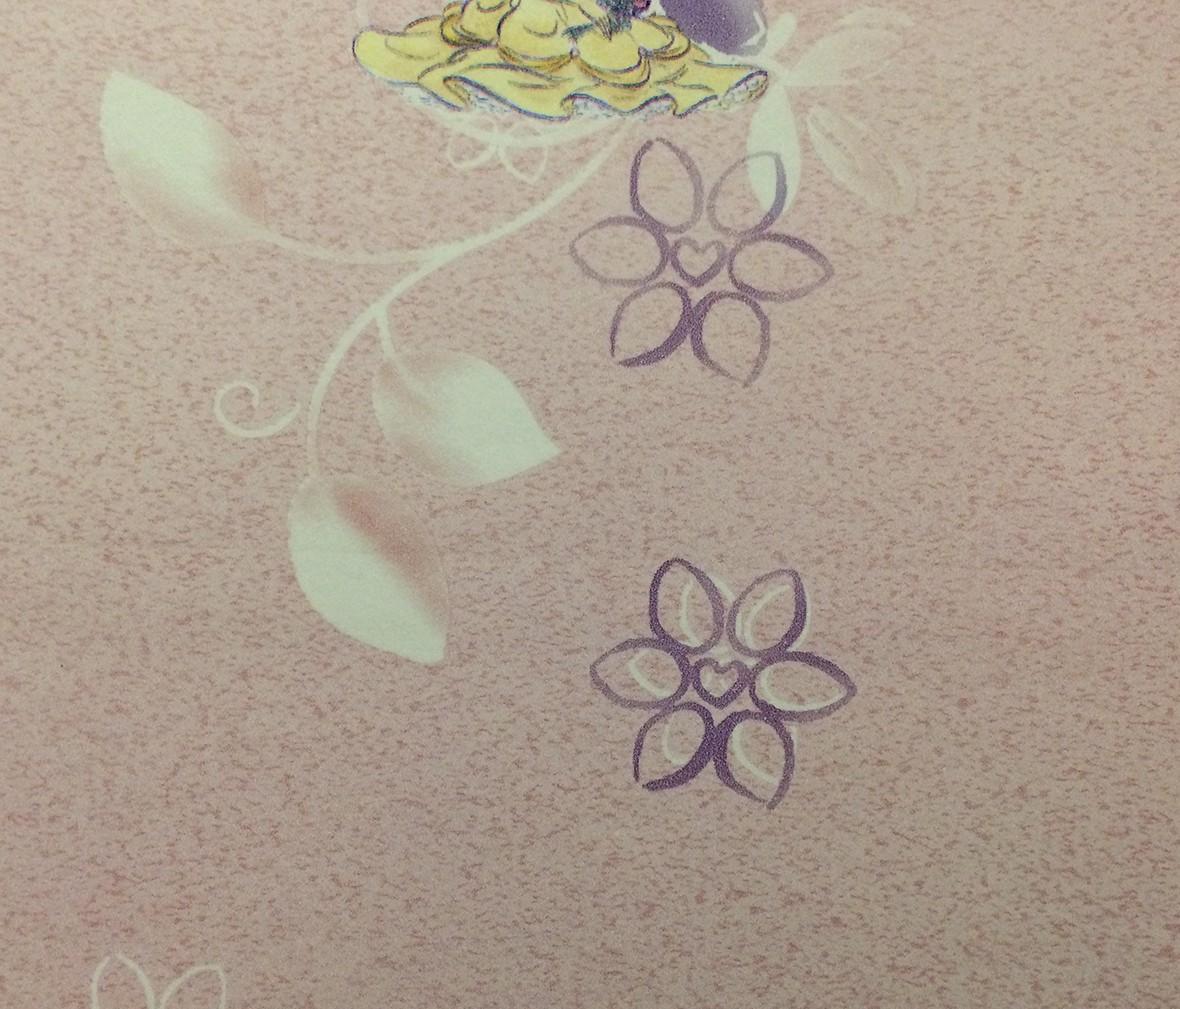 精厚壁纸 玉兰童话系列nkp198703型号壁纸 环保纯纸